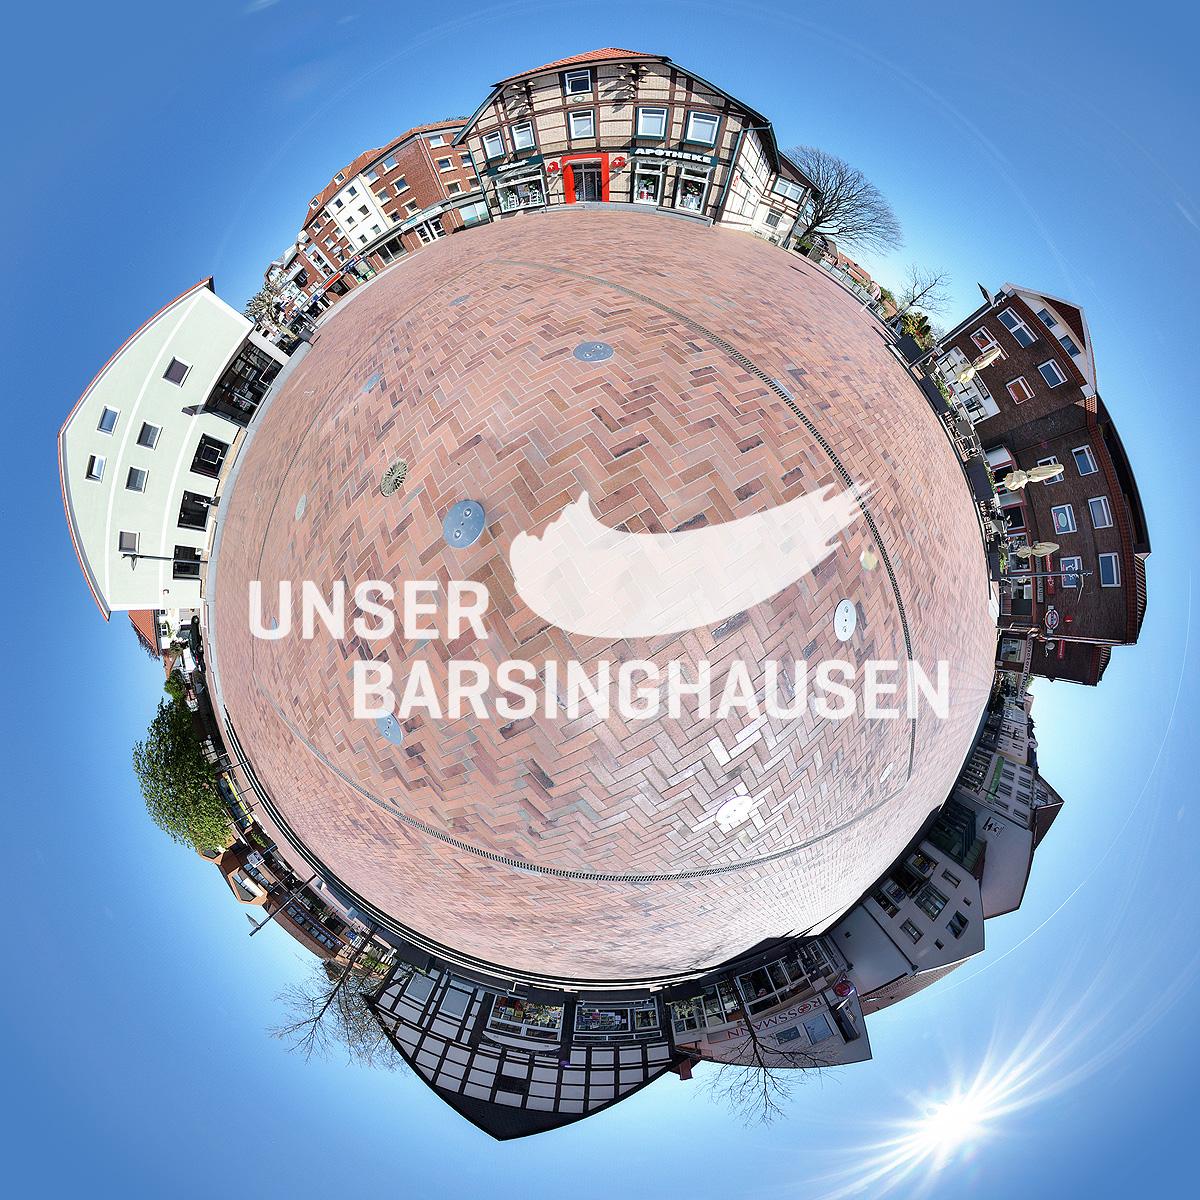 Virtuell in der Barsinghäuser Innenstadt